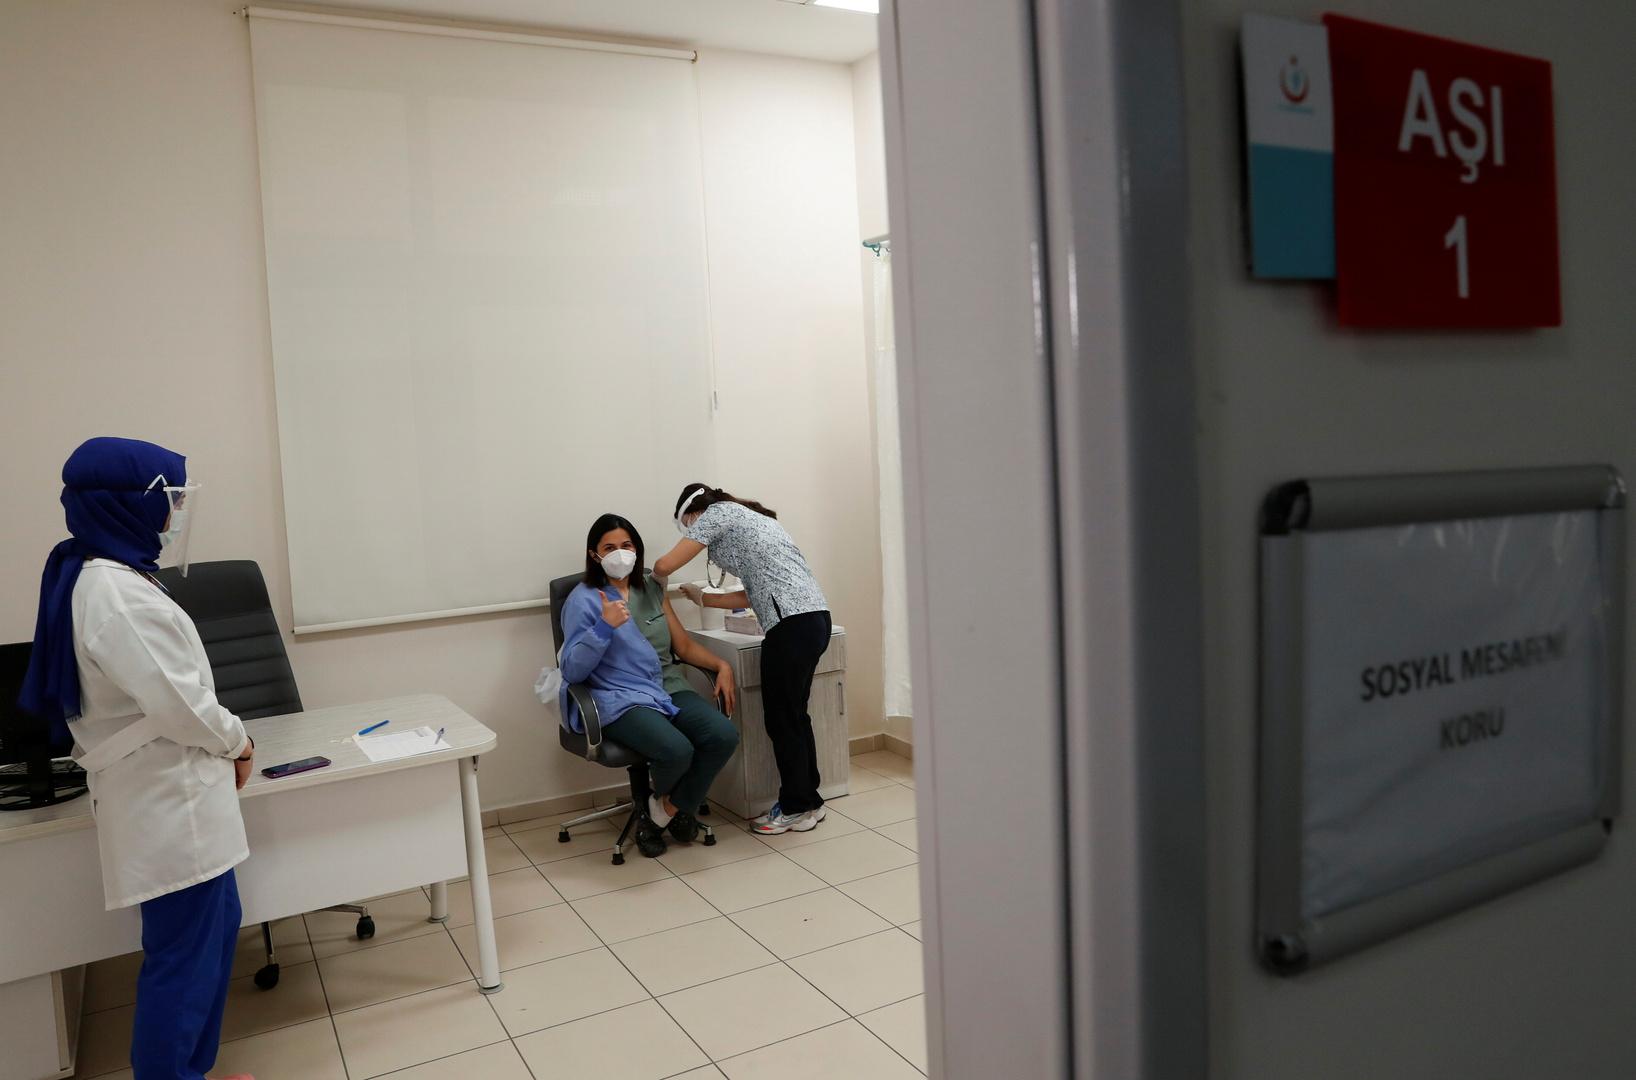 الصحة التركية: نسعى لشراء 105 ملايين جرعة من اللقاحات المضادة لكورونا بحلول أبريل